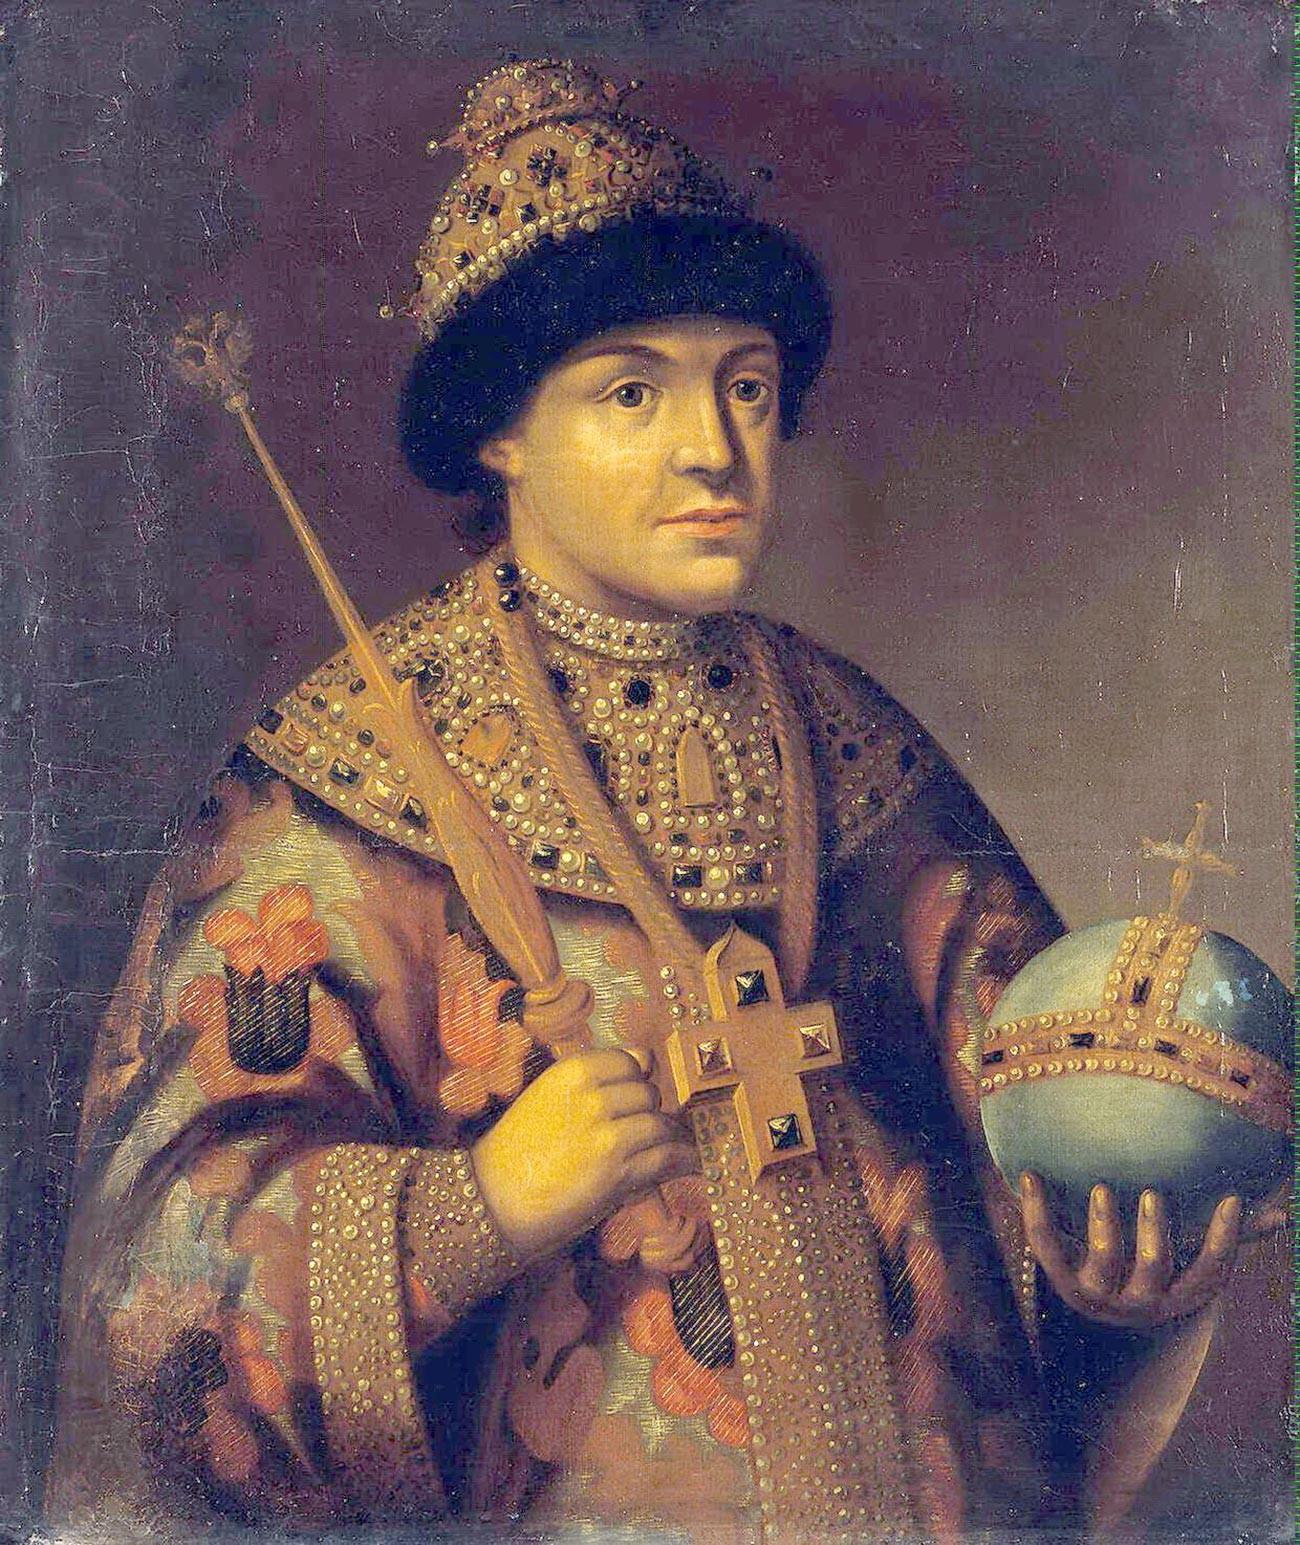 Lo zar Fyodor Alekseyevich (1661-1682). Suo fratello minore Ivan (1666-1696) soffriva probabilmente di disturbi mentali